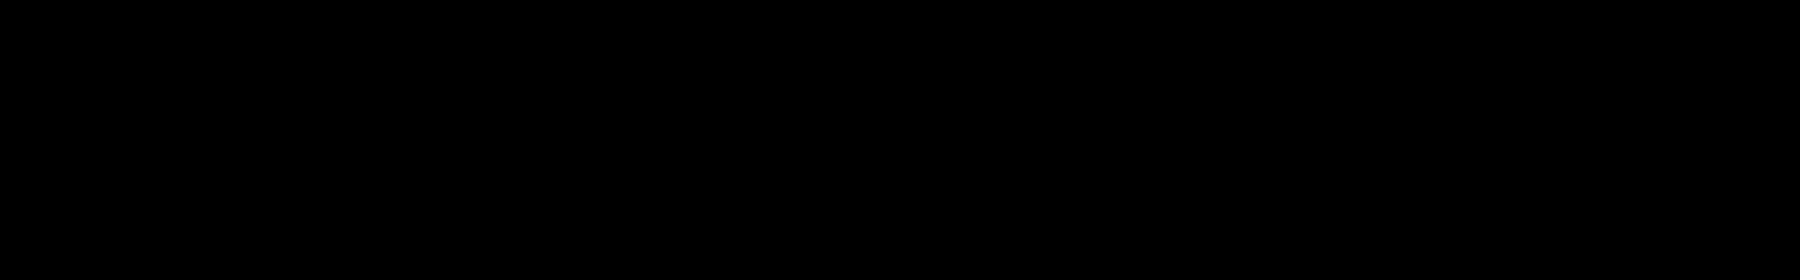 Maison De Blanc:Ultimate EDM Drops audio waveform